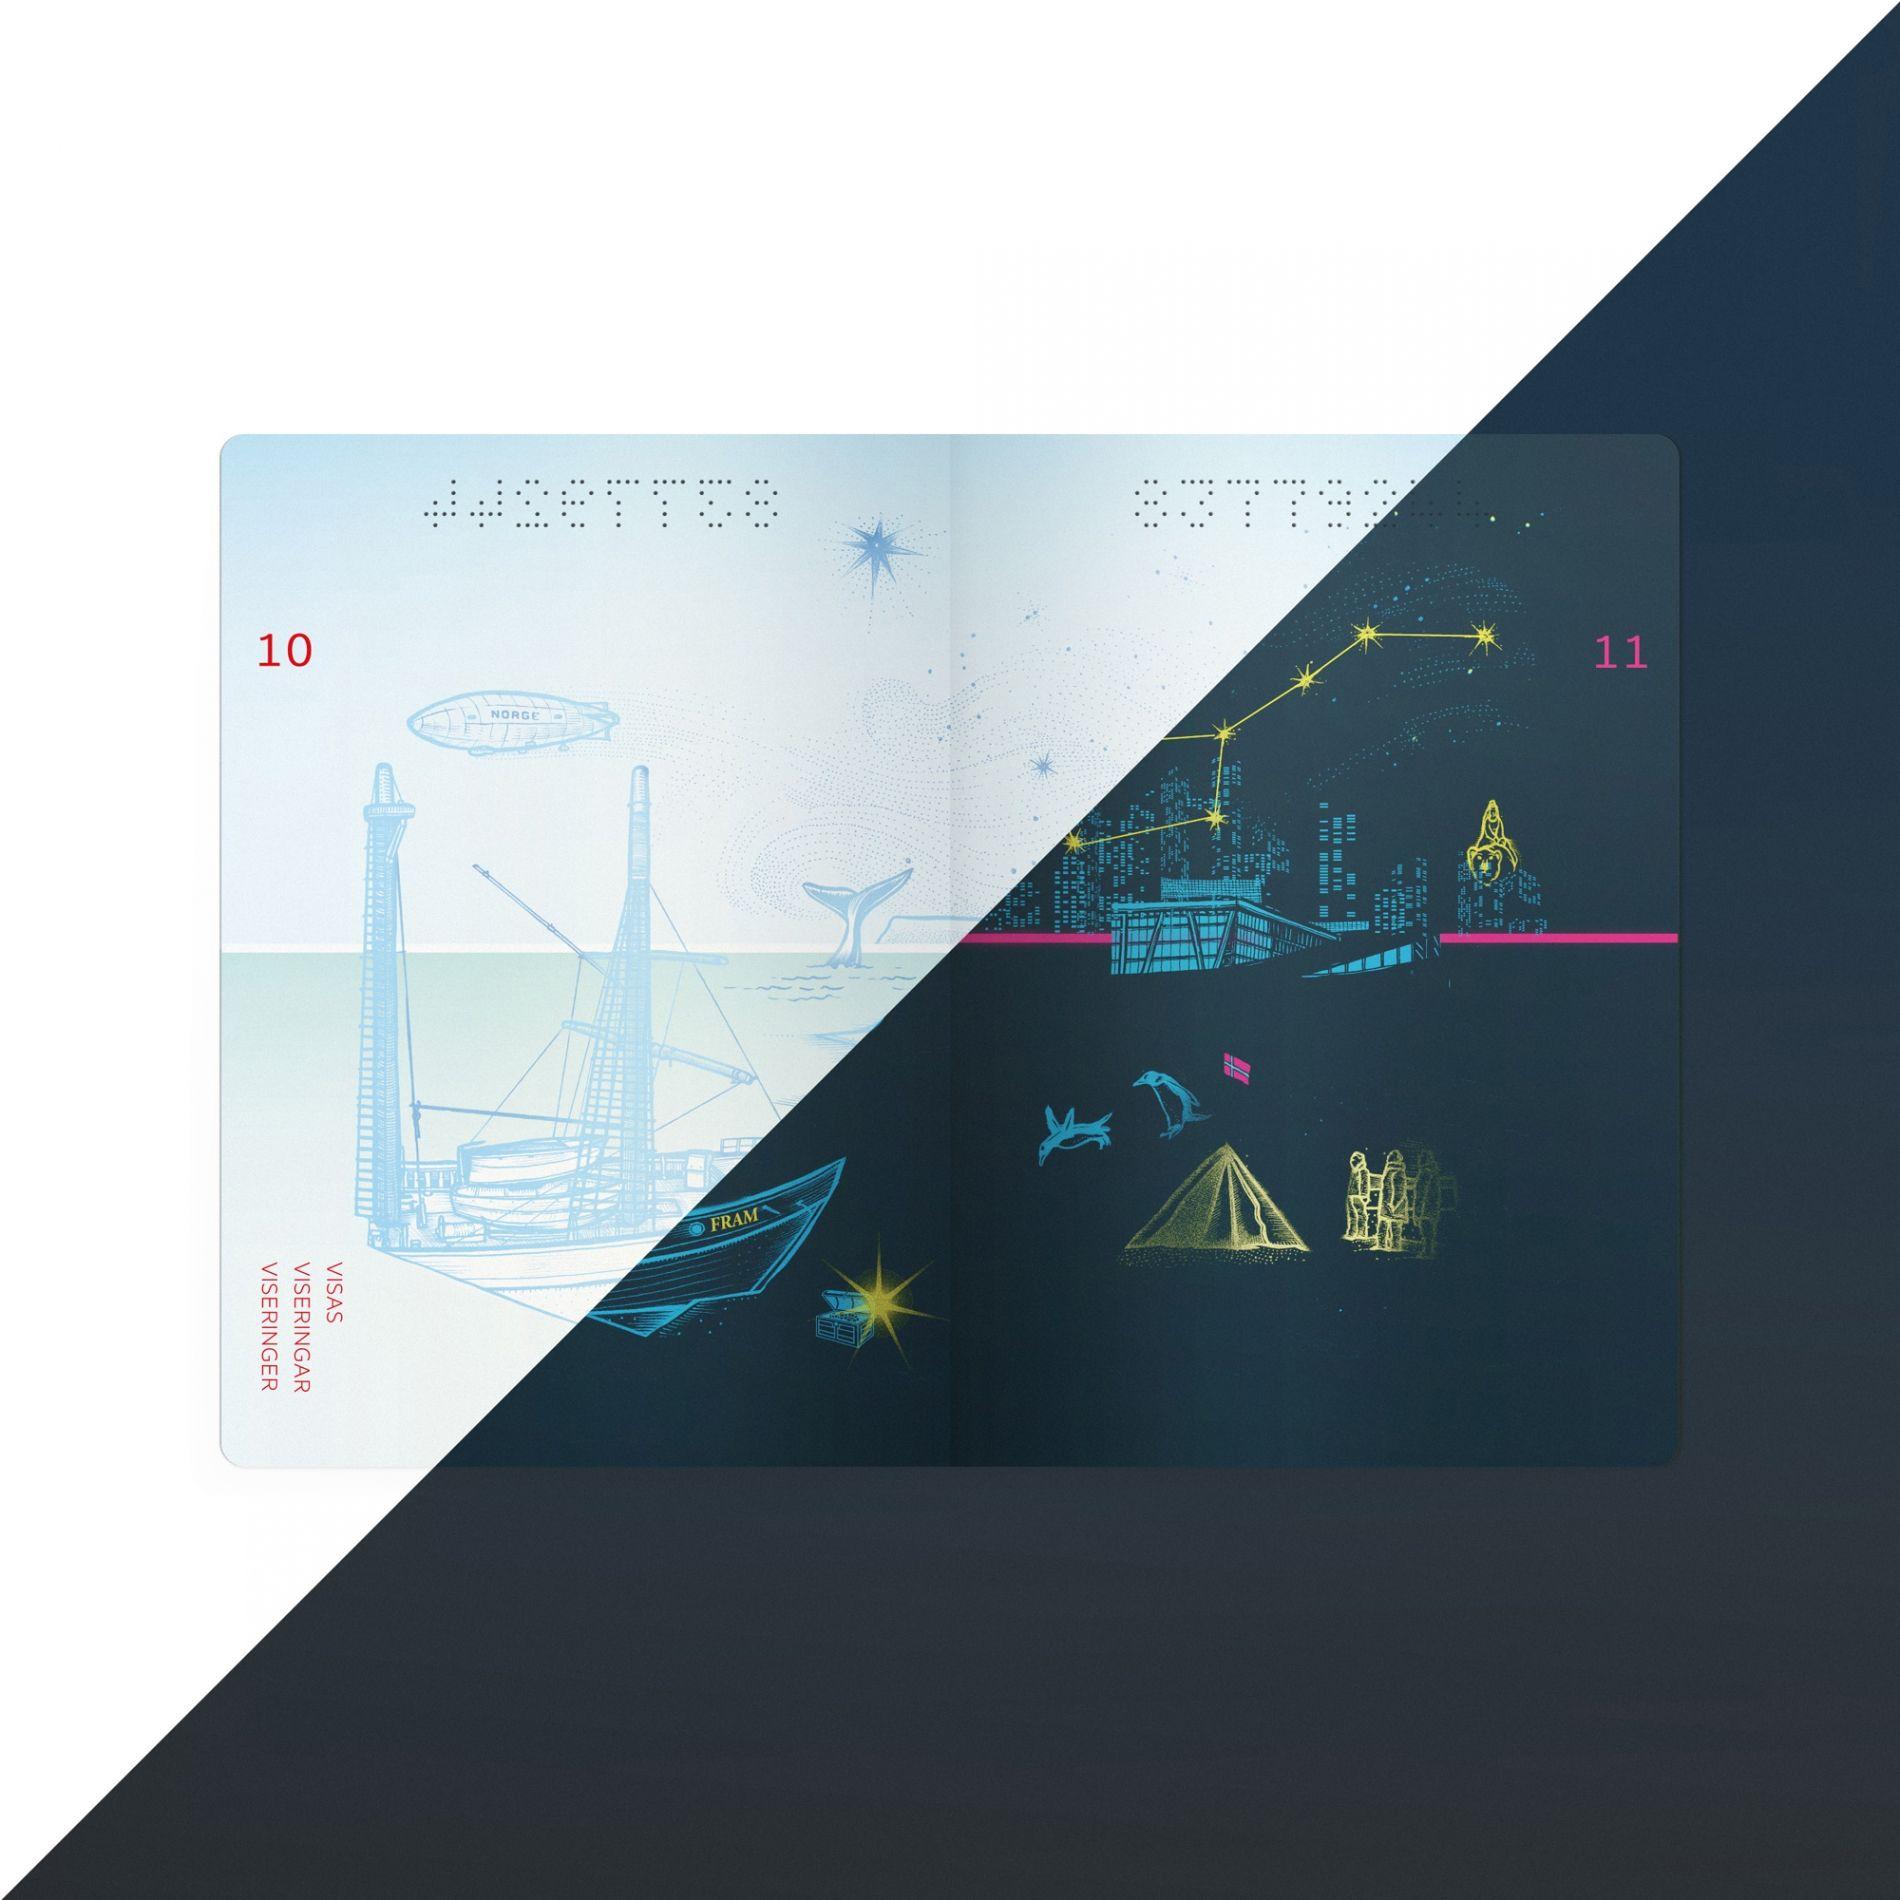 Tank kom til finalerunden i konkurransen om utforming av nytt pass og ID-kort.Vi har kalt vårt konseptEventyrlyst.Illustrasjonene er utarbeidet av Peter-John De Villiers.